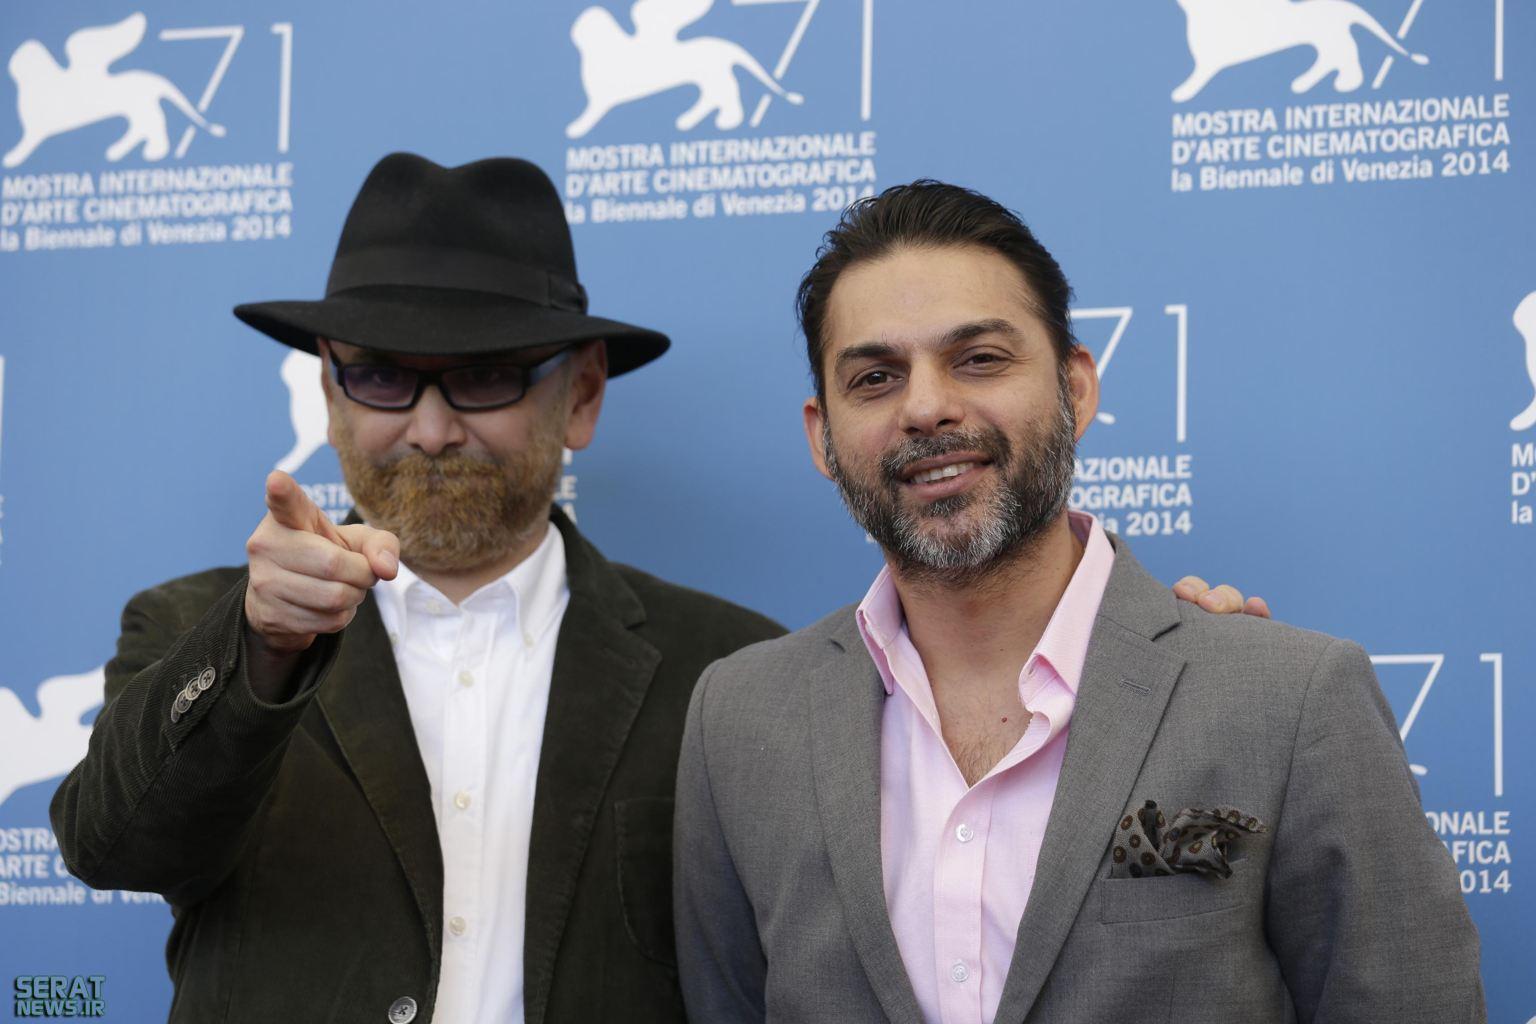 تغییرات در دولت ایران باعث ساخت فیلم